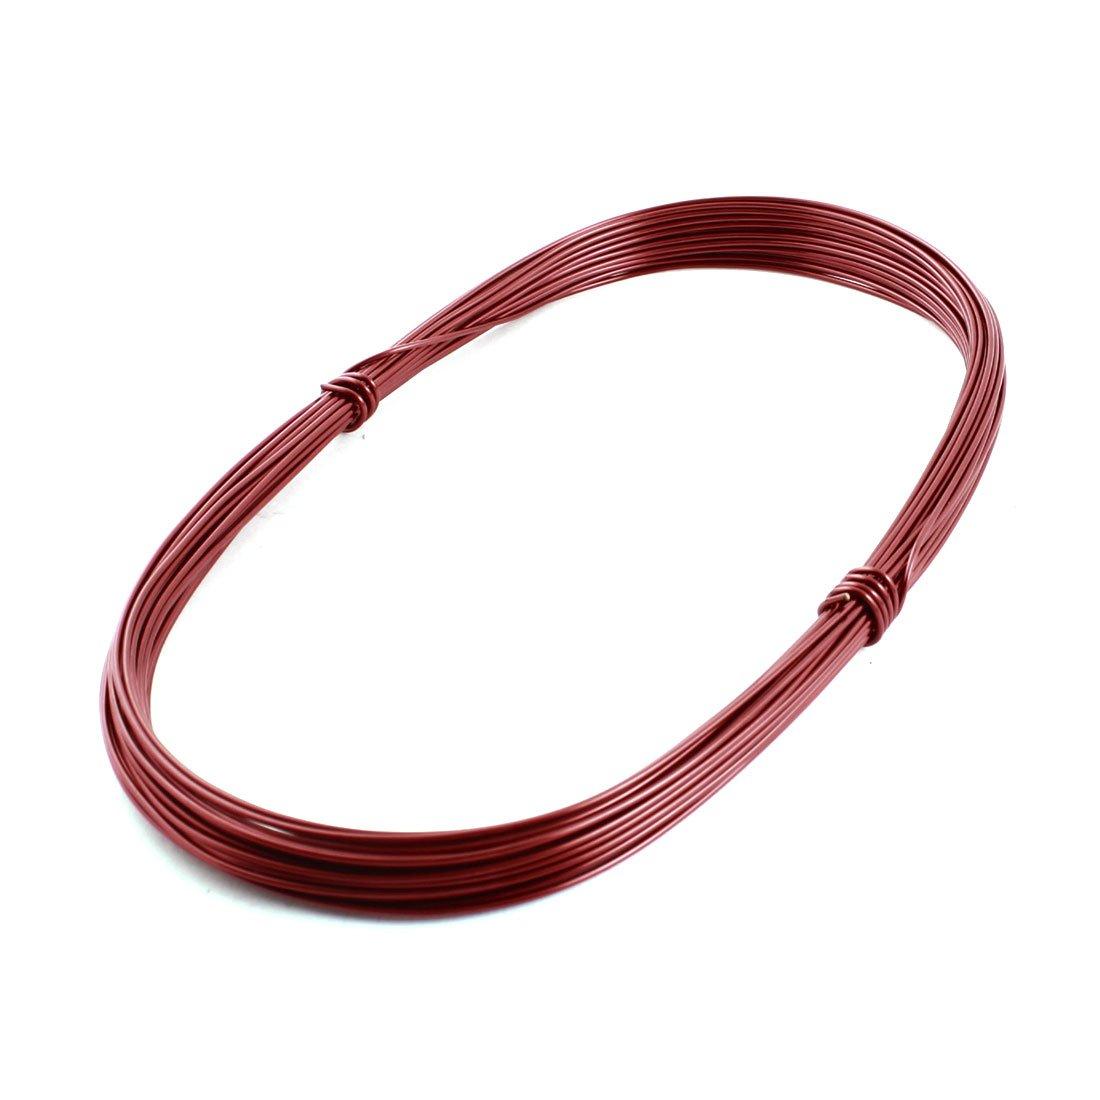 Sourcingmap a14090300ux0074-1,25 mm de diámetro de soldadura eléctrica de soldadura de cobre esmaltado de alambre bobinado 15m: Amazon.es: Industria, ...